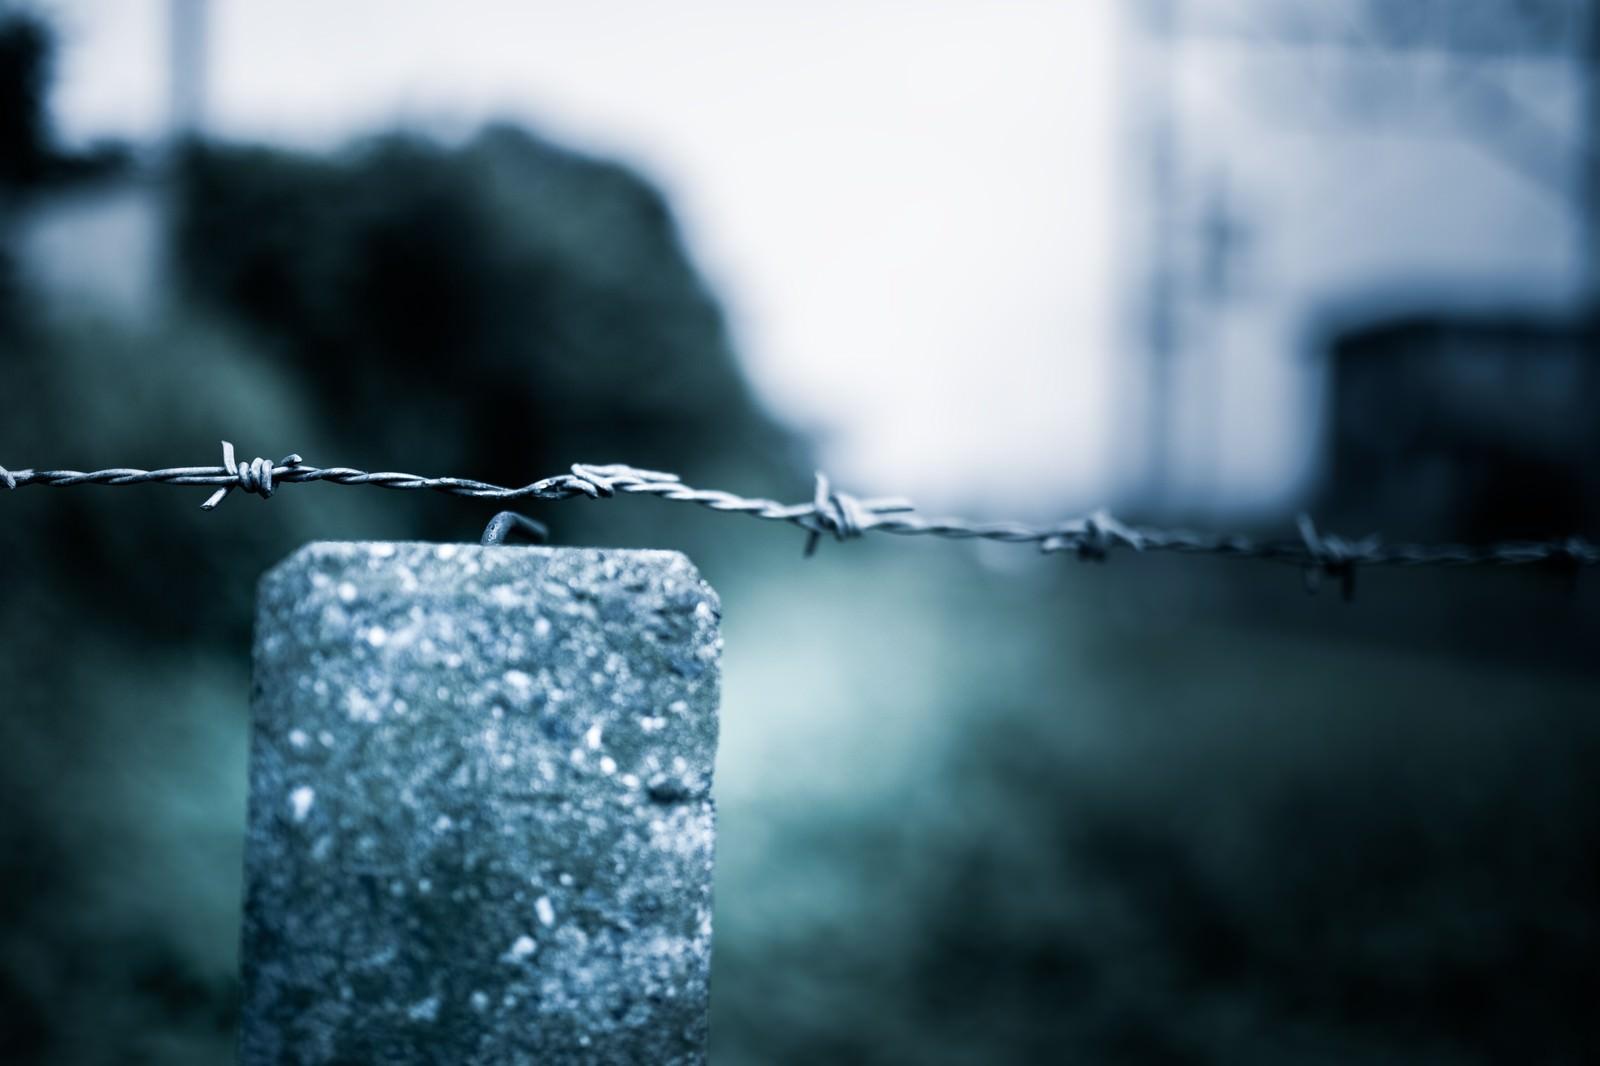 「進入禁止の薔薇線」の写真